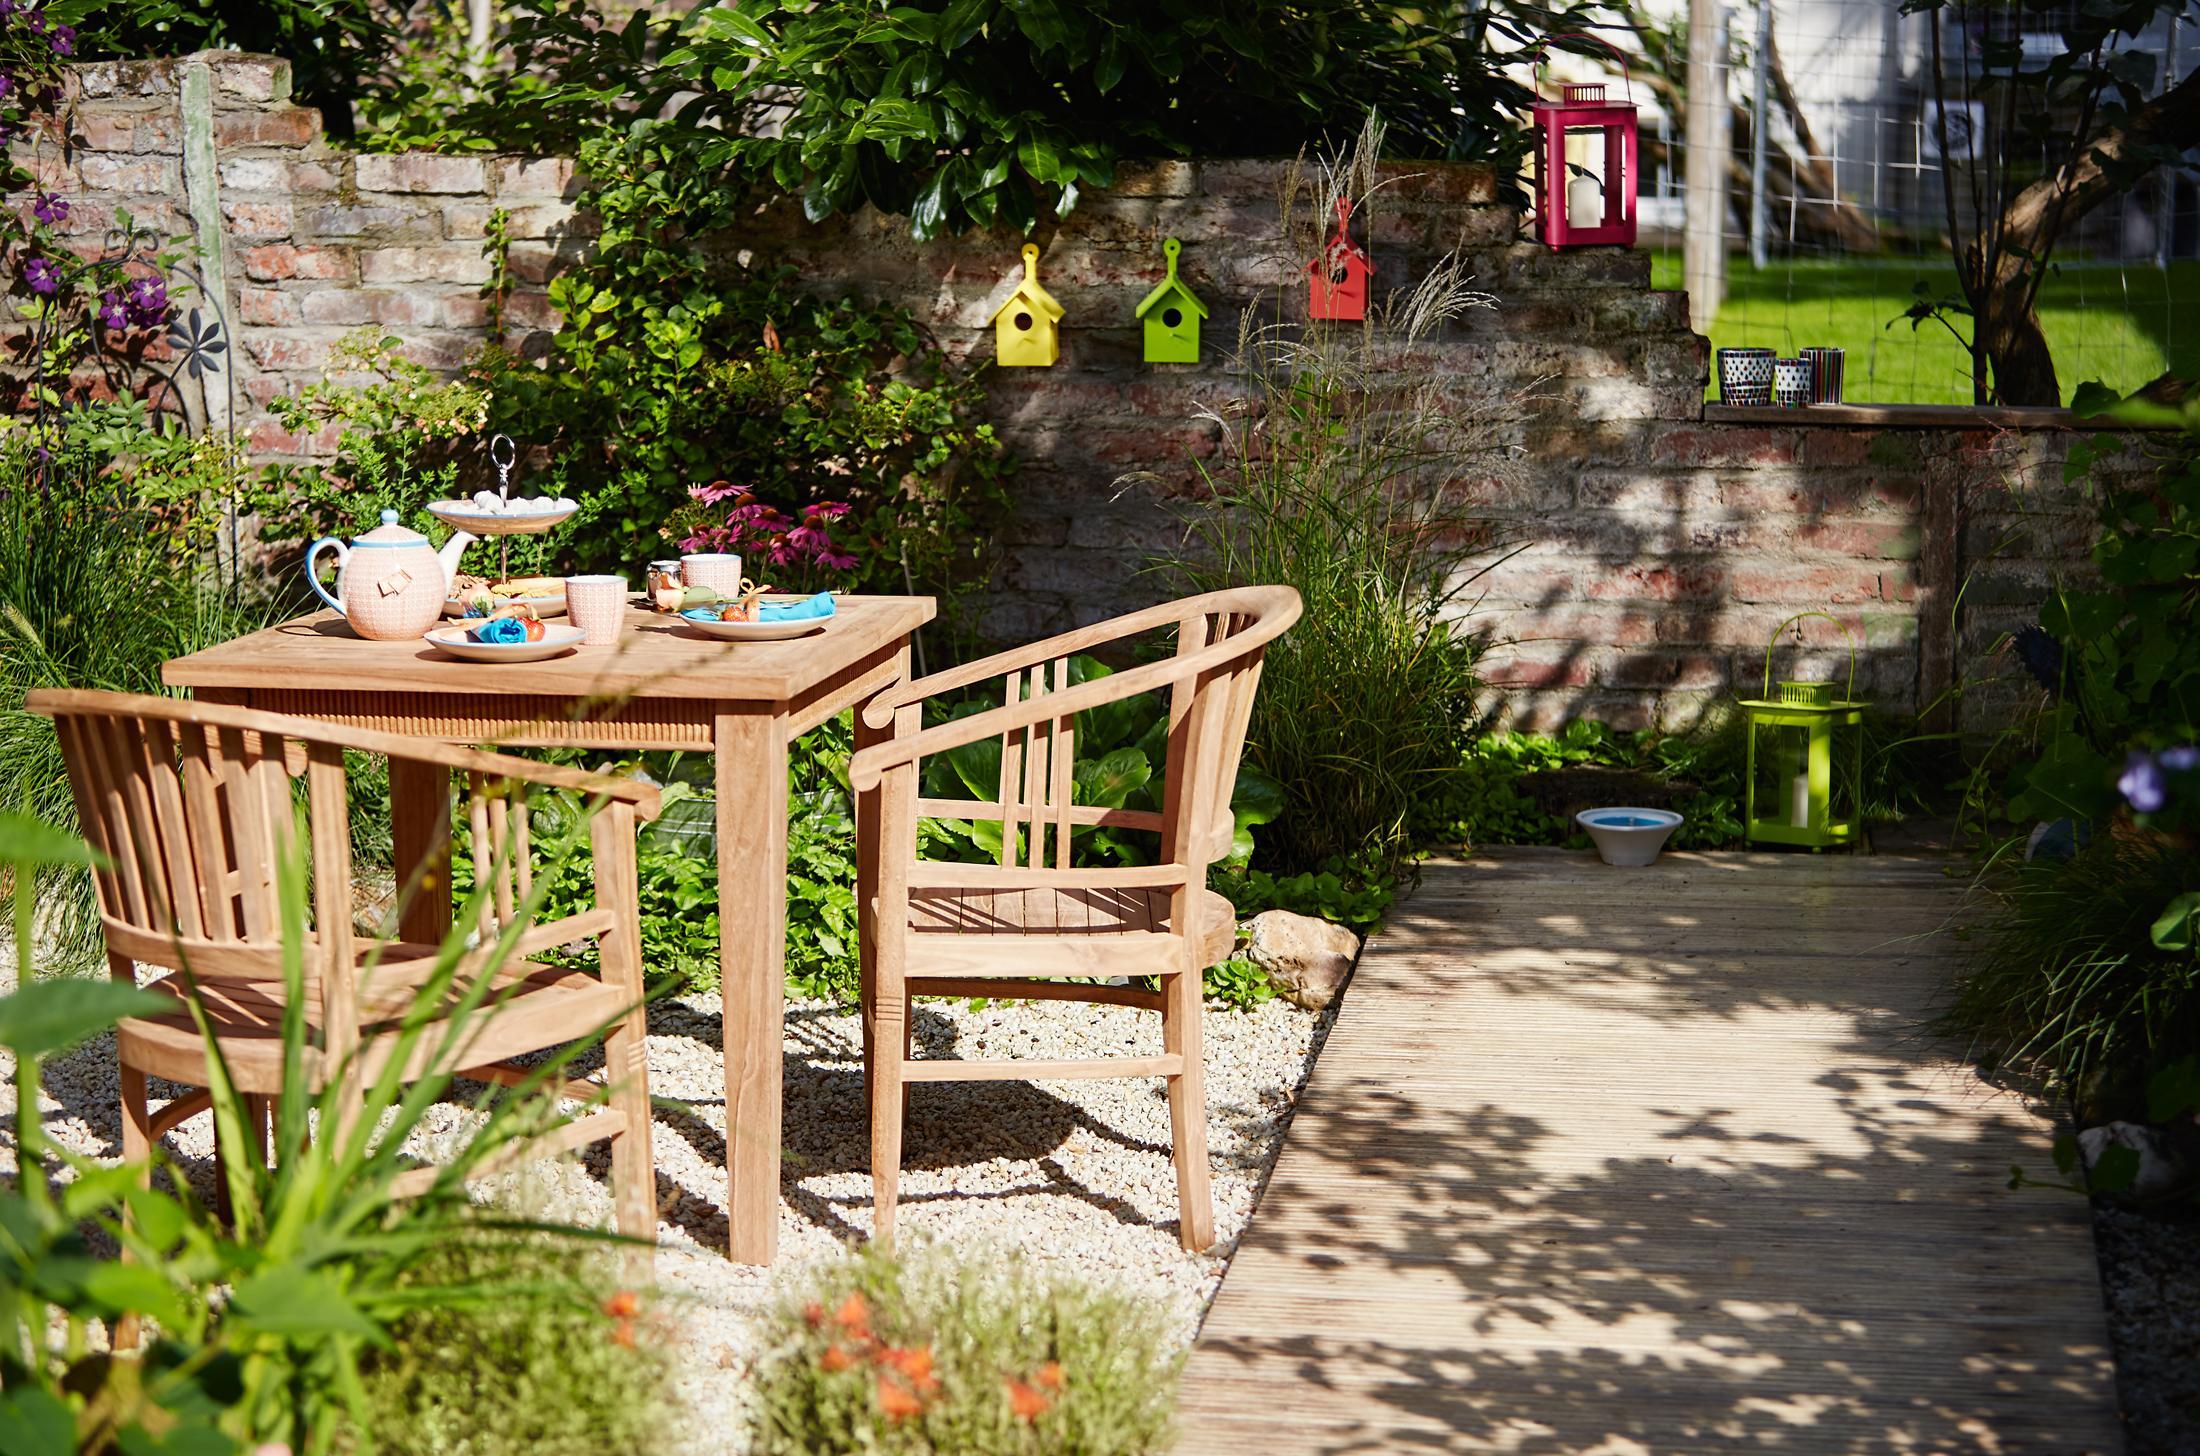 Butlers Gartenmöbel vogelhaus bilder ideen couchstyle